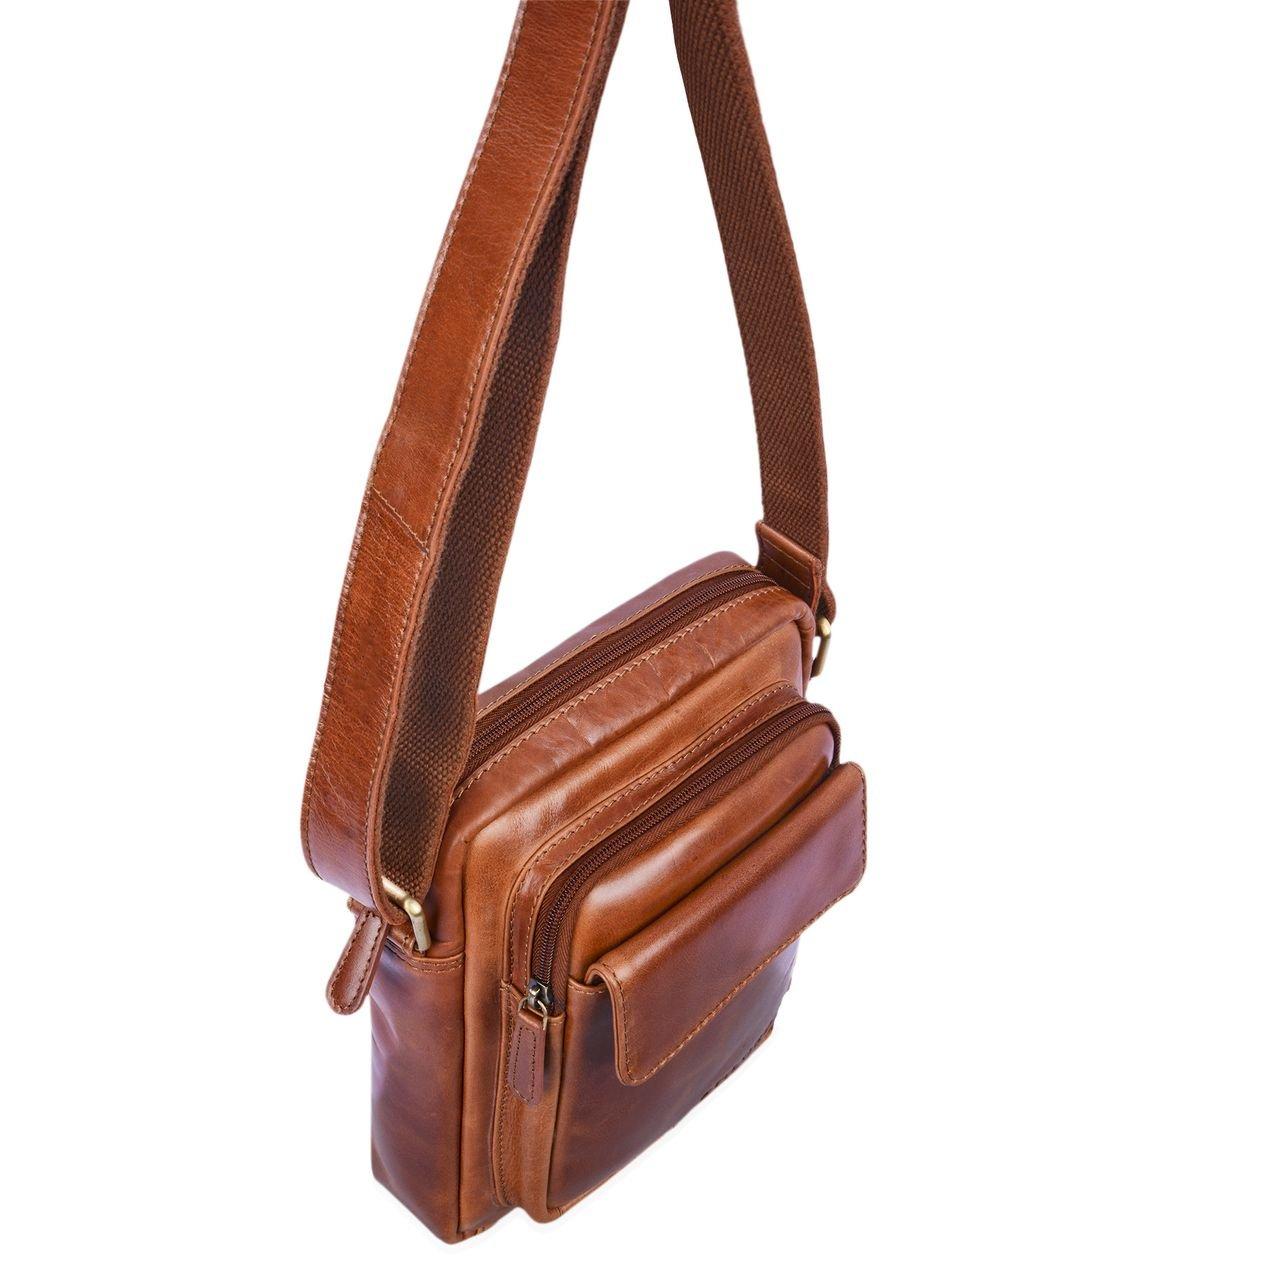 STILORD Jannis Sac en bandouli/ère Cuir Homme Petit Vintage Besace Sac Messager pour 9.7 Pouces iPad Tablette pc Sac /à l/épaule en v/éritable Cuir de Boeuf Brillant Couleur:Cognac